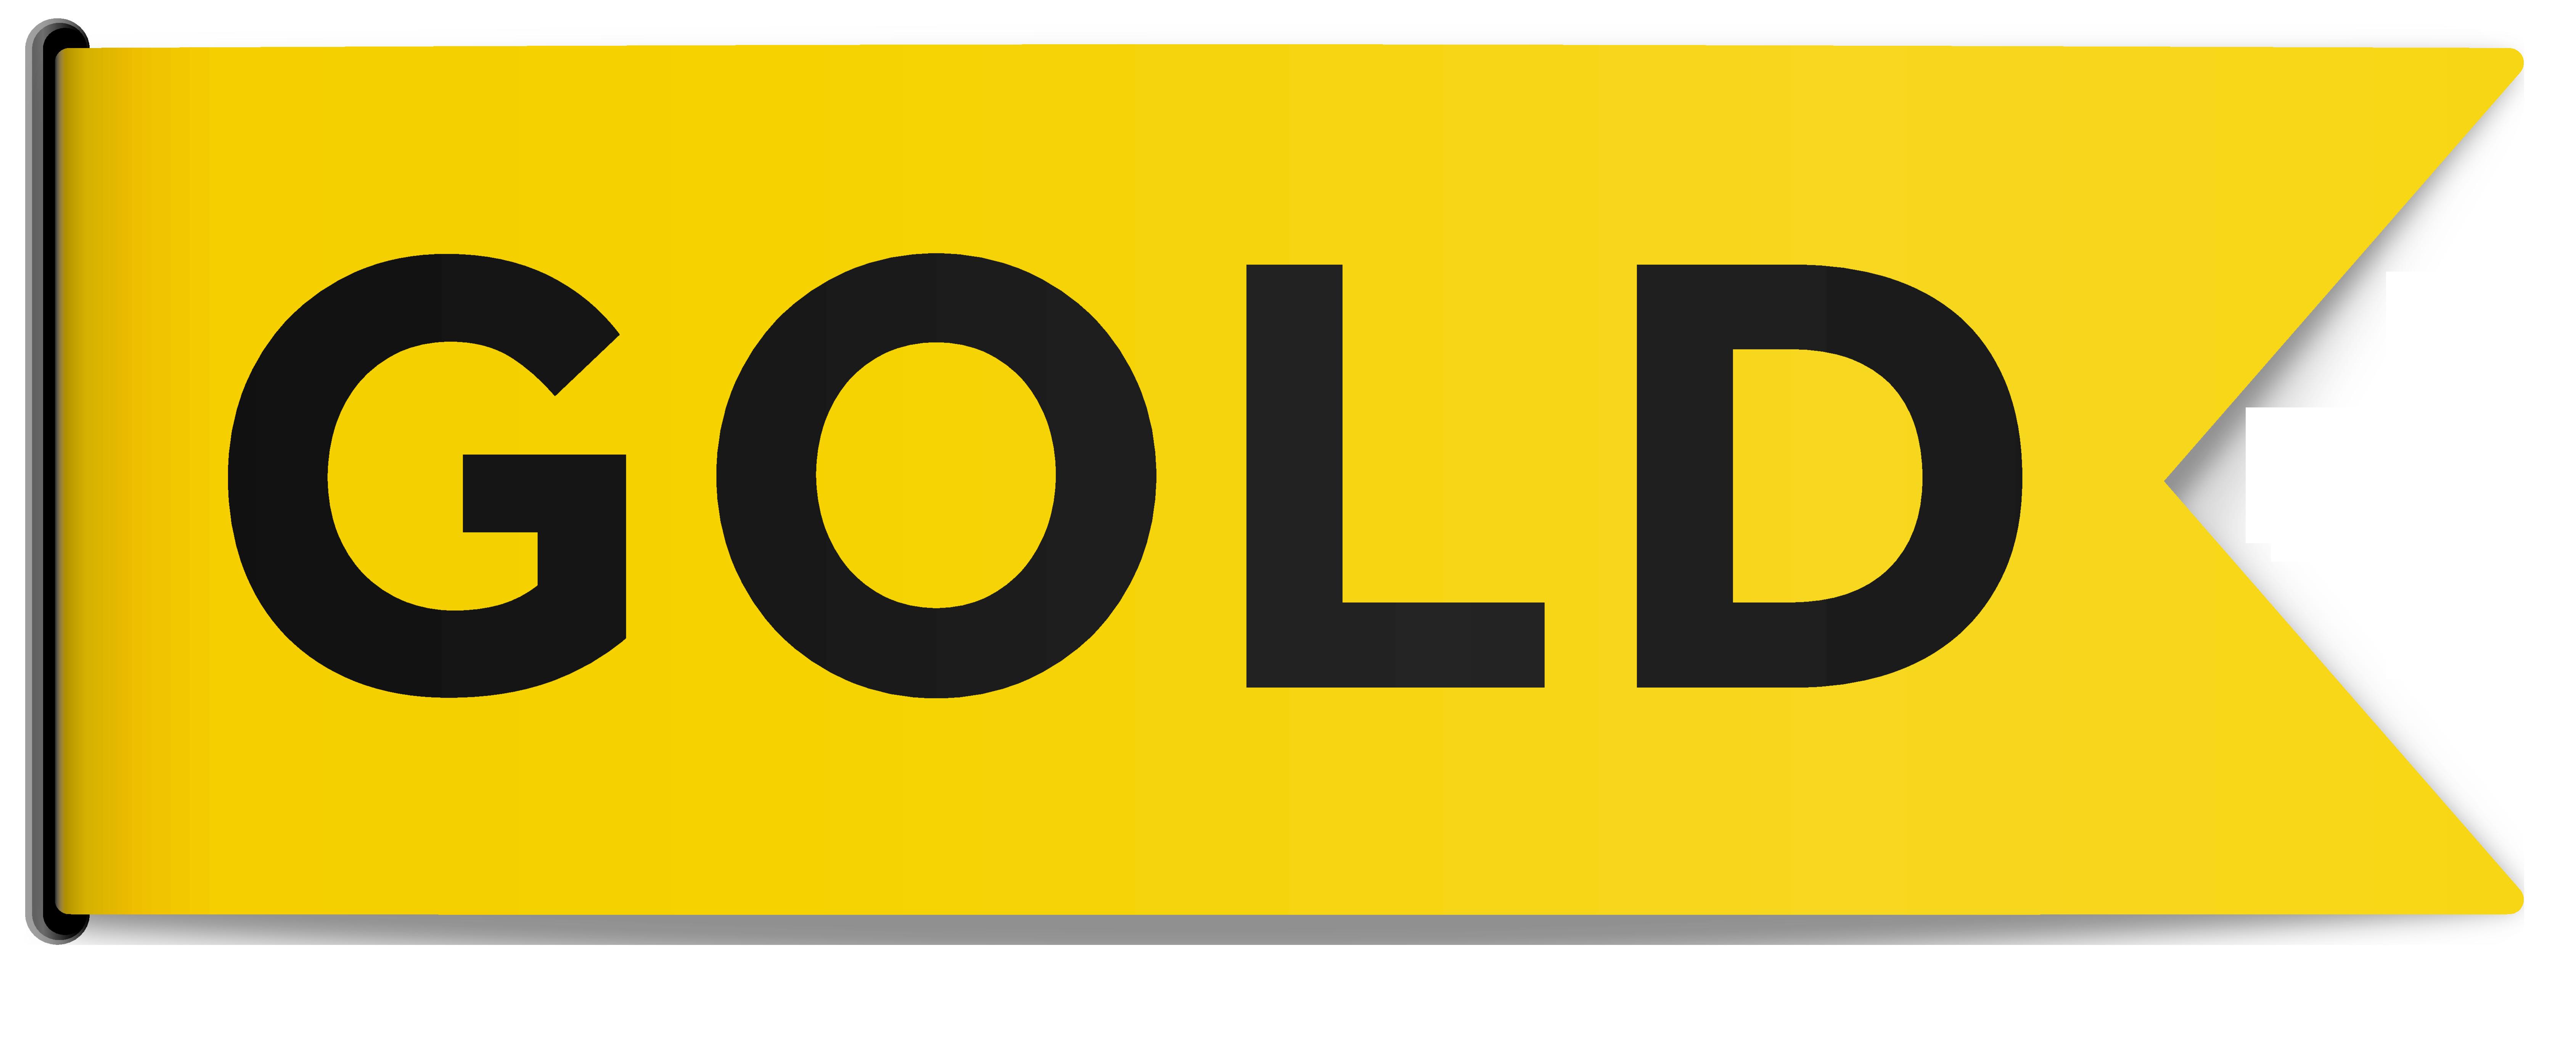 Hoka OneOne logo